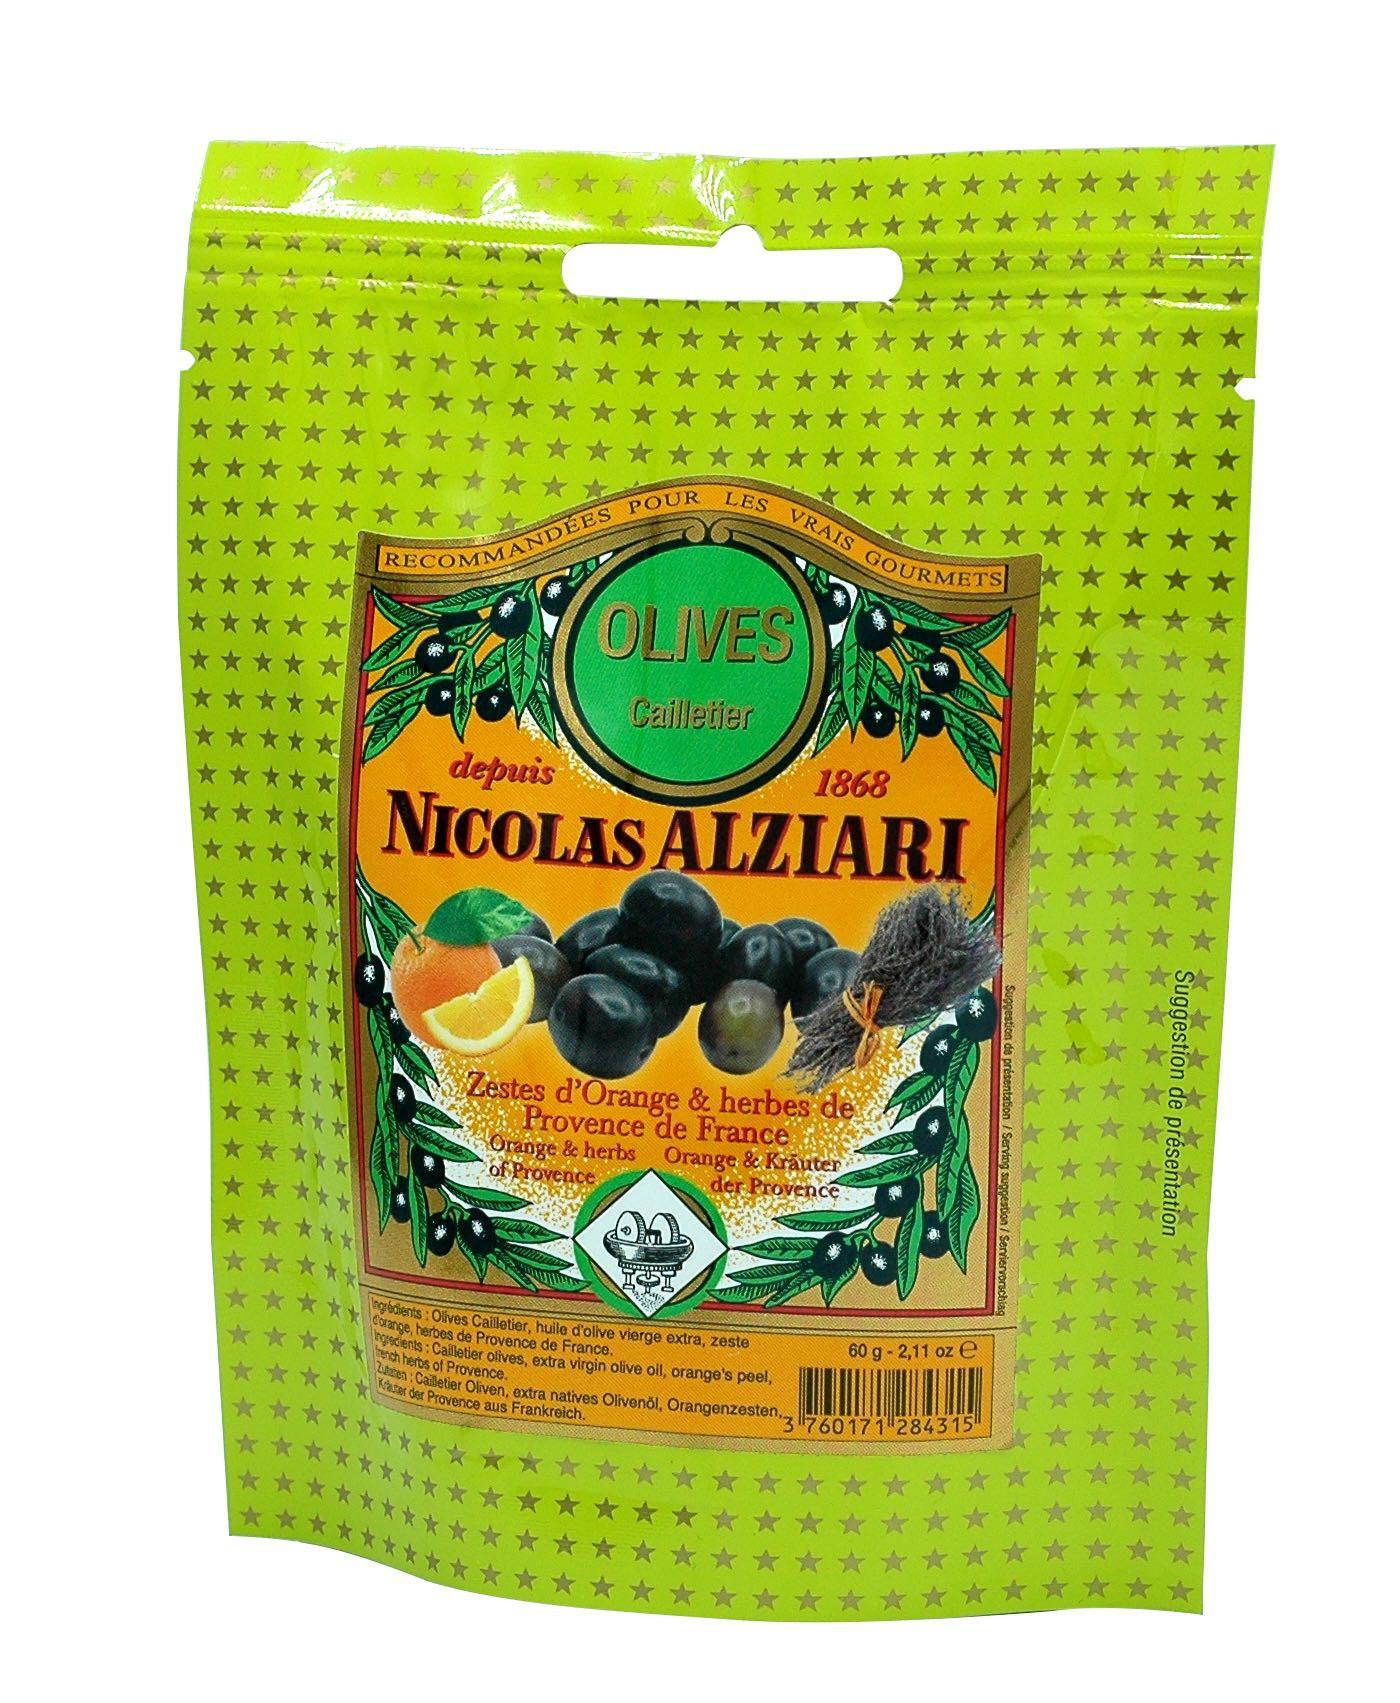 Olives de Nice AOP + zest d'oranges, herbes de Provence 60 g en sachet